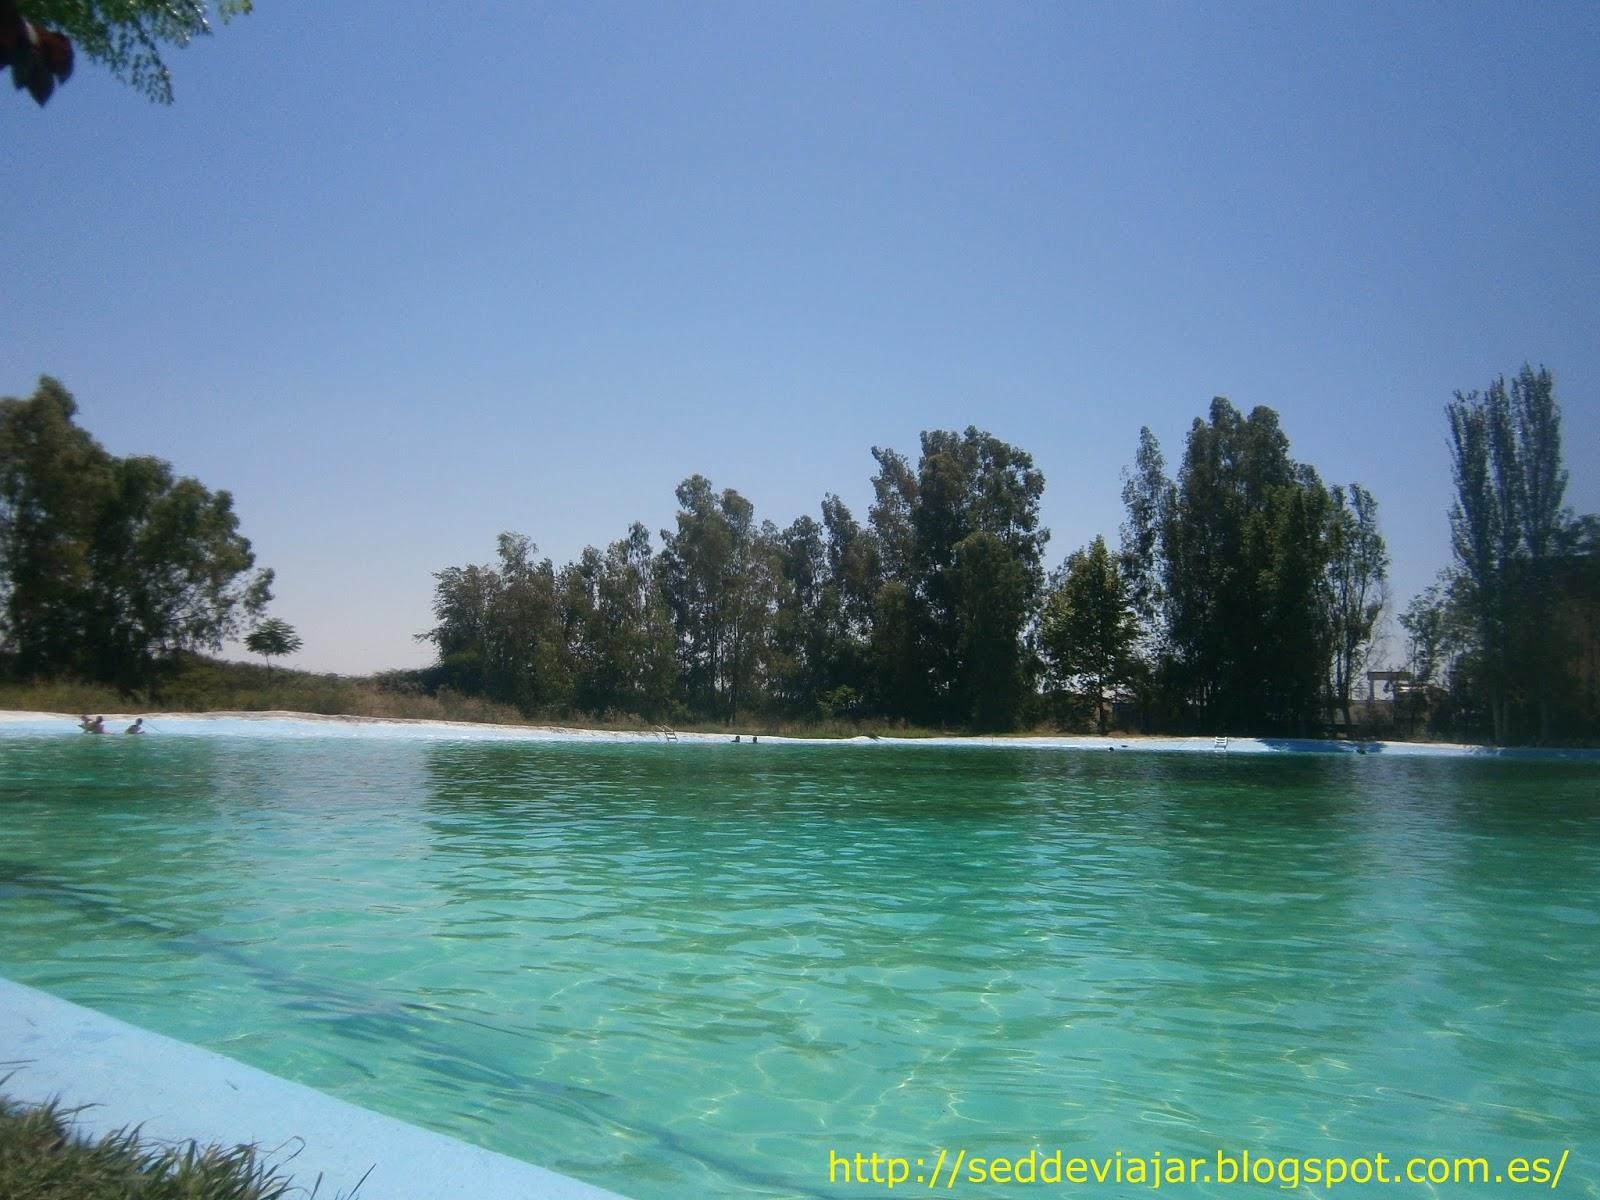 Sed de viajar piscinas naturales de extremadura i for Piscinas naturales extremadura